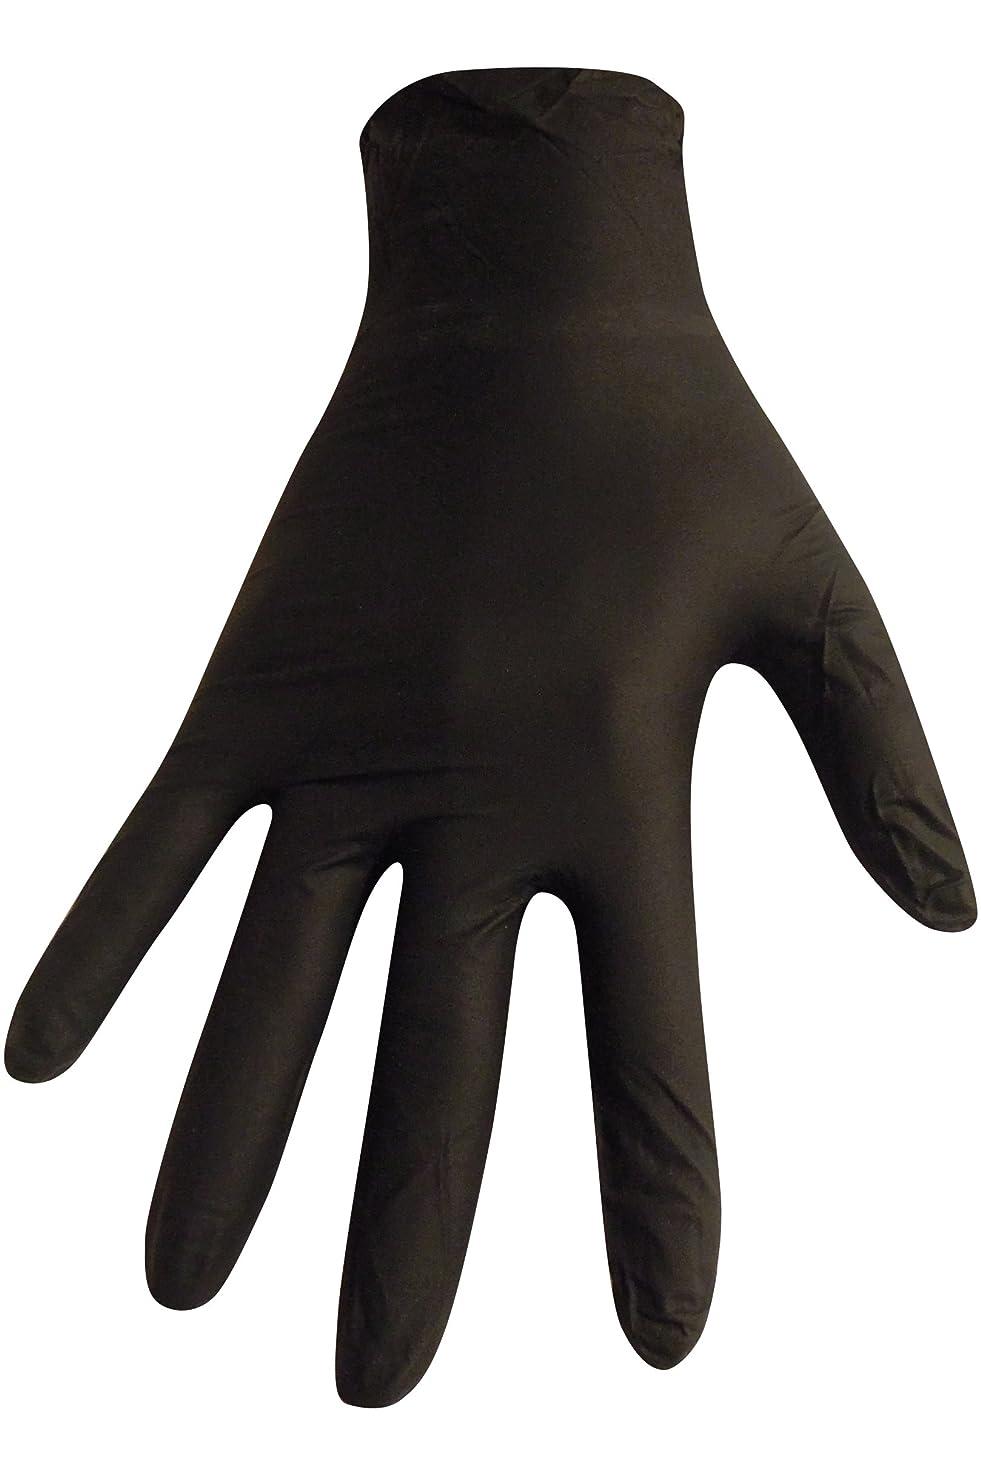 次へあさり寝室を掃除する【箱なし発送】ニトリル極薄手袋 S?M?L 選べる6色(100枚入) (M, ブラック)